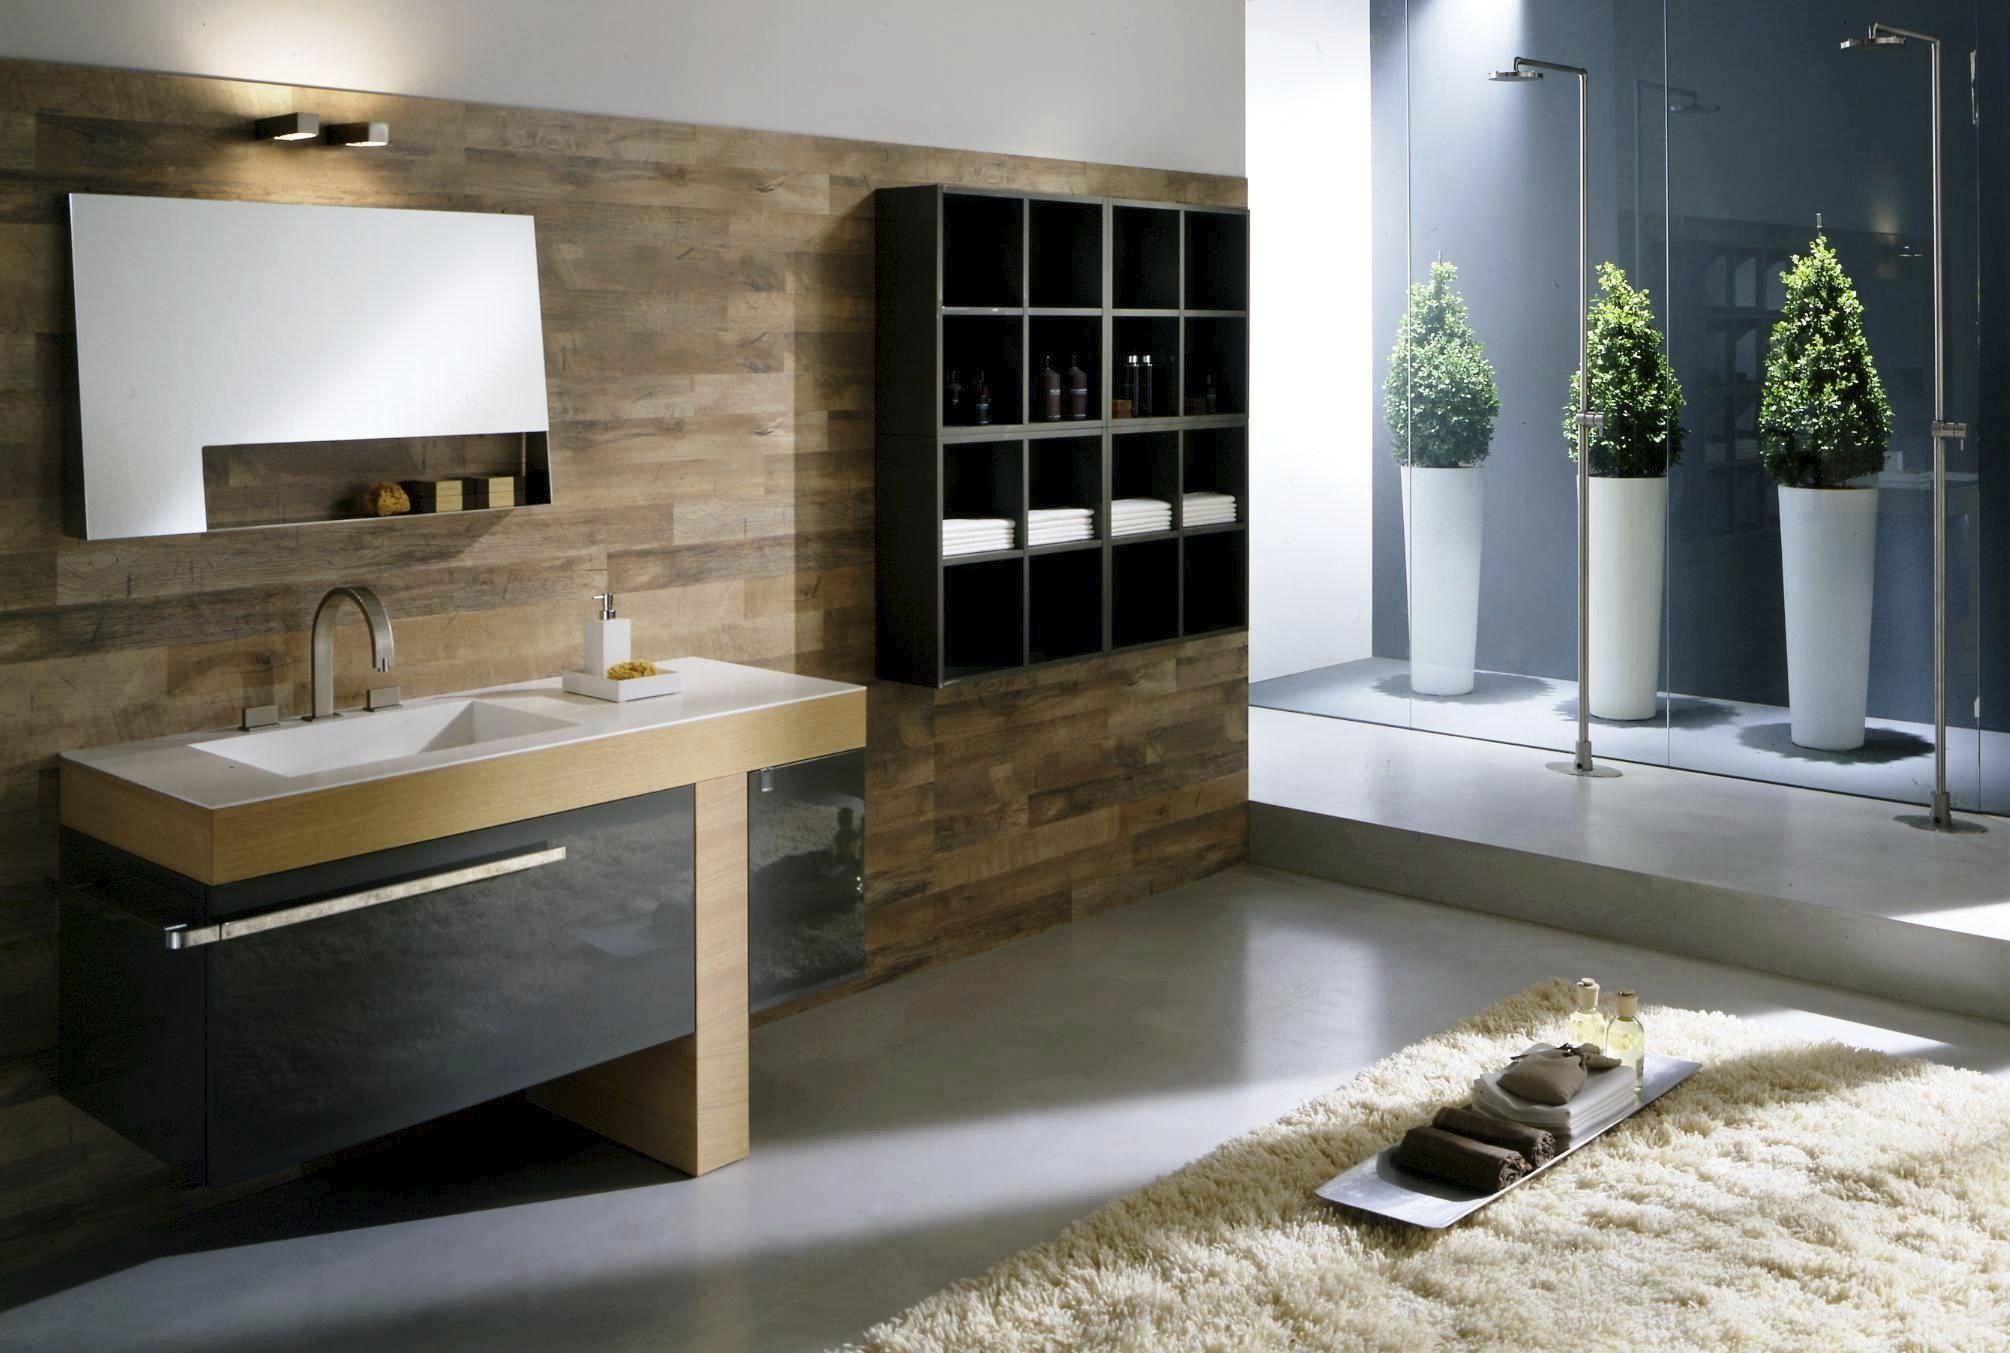 Fantastic Shower Idea Badezimmer Design Modernes Badezimmerdesign Und Bad Inspiration